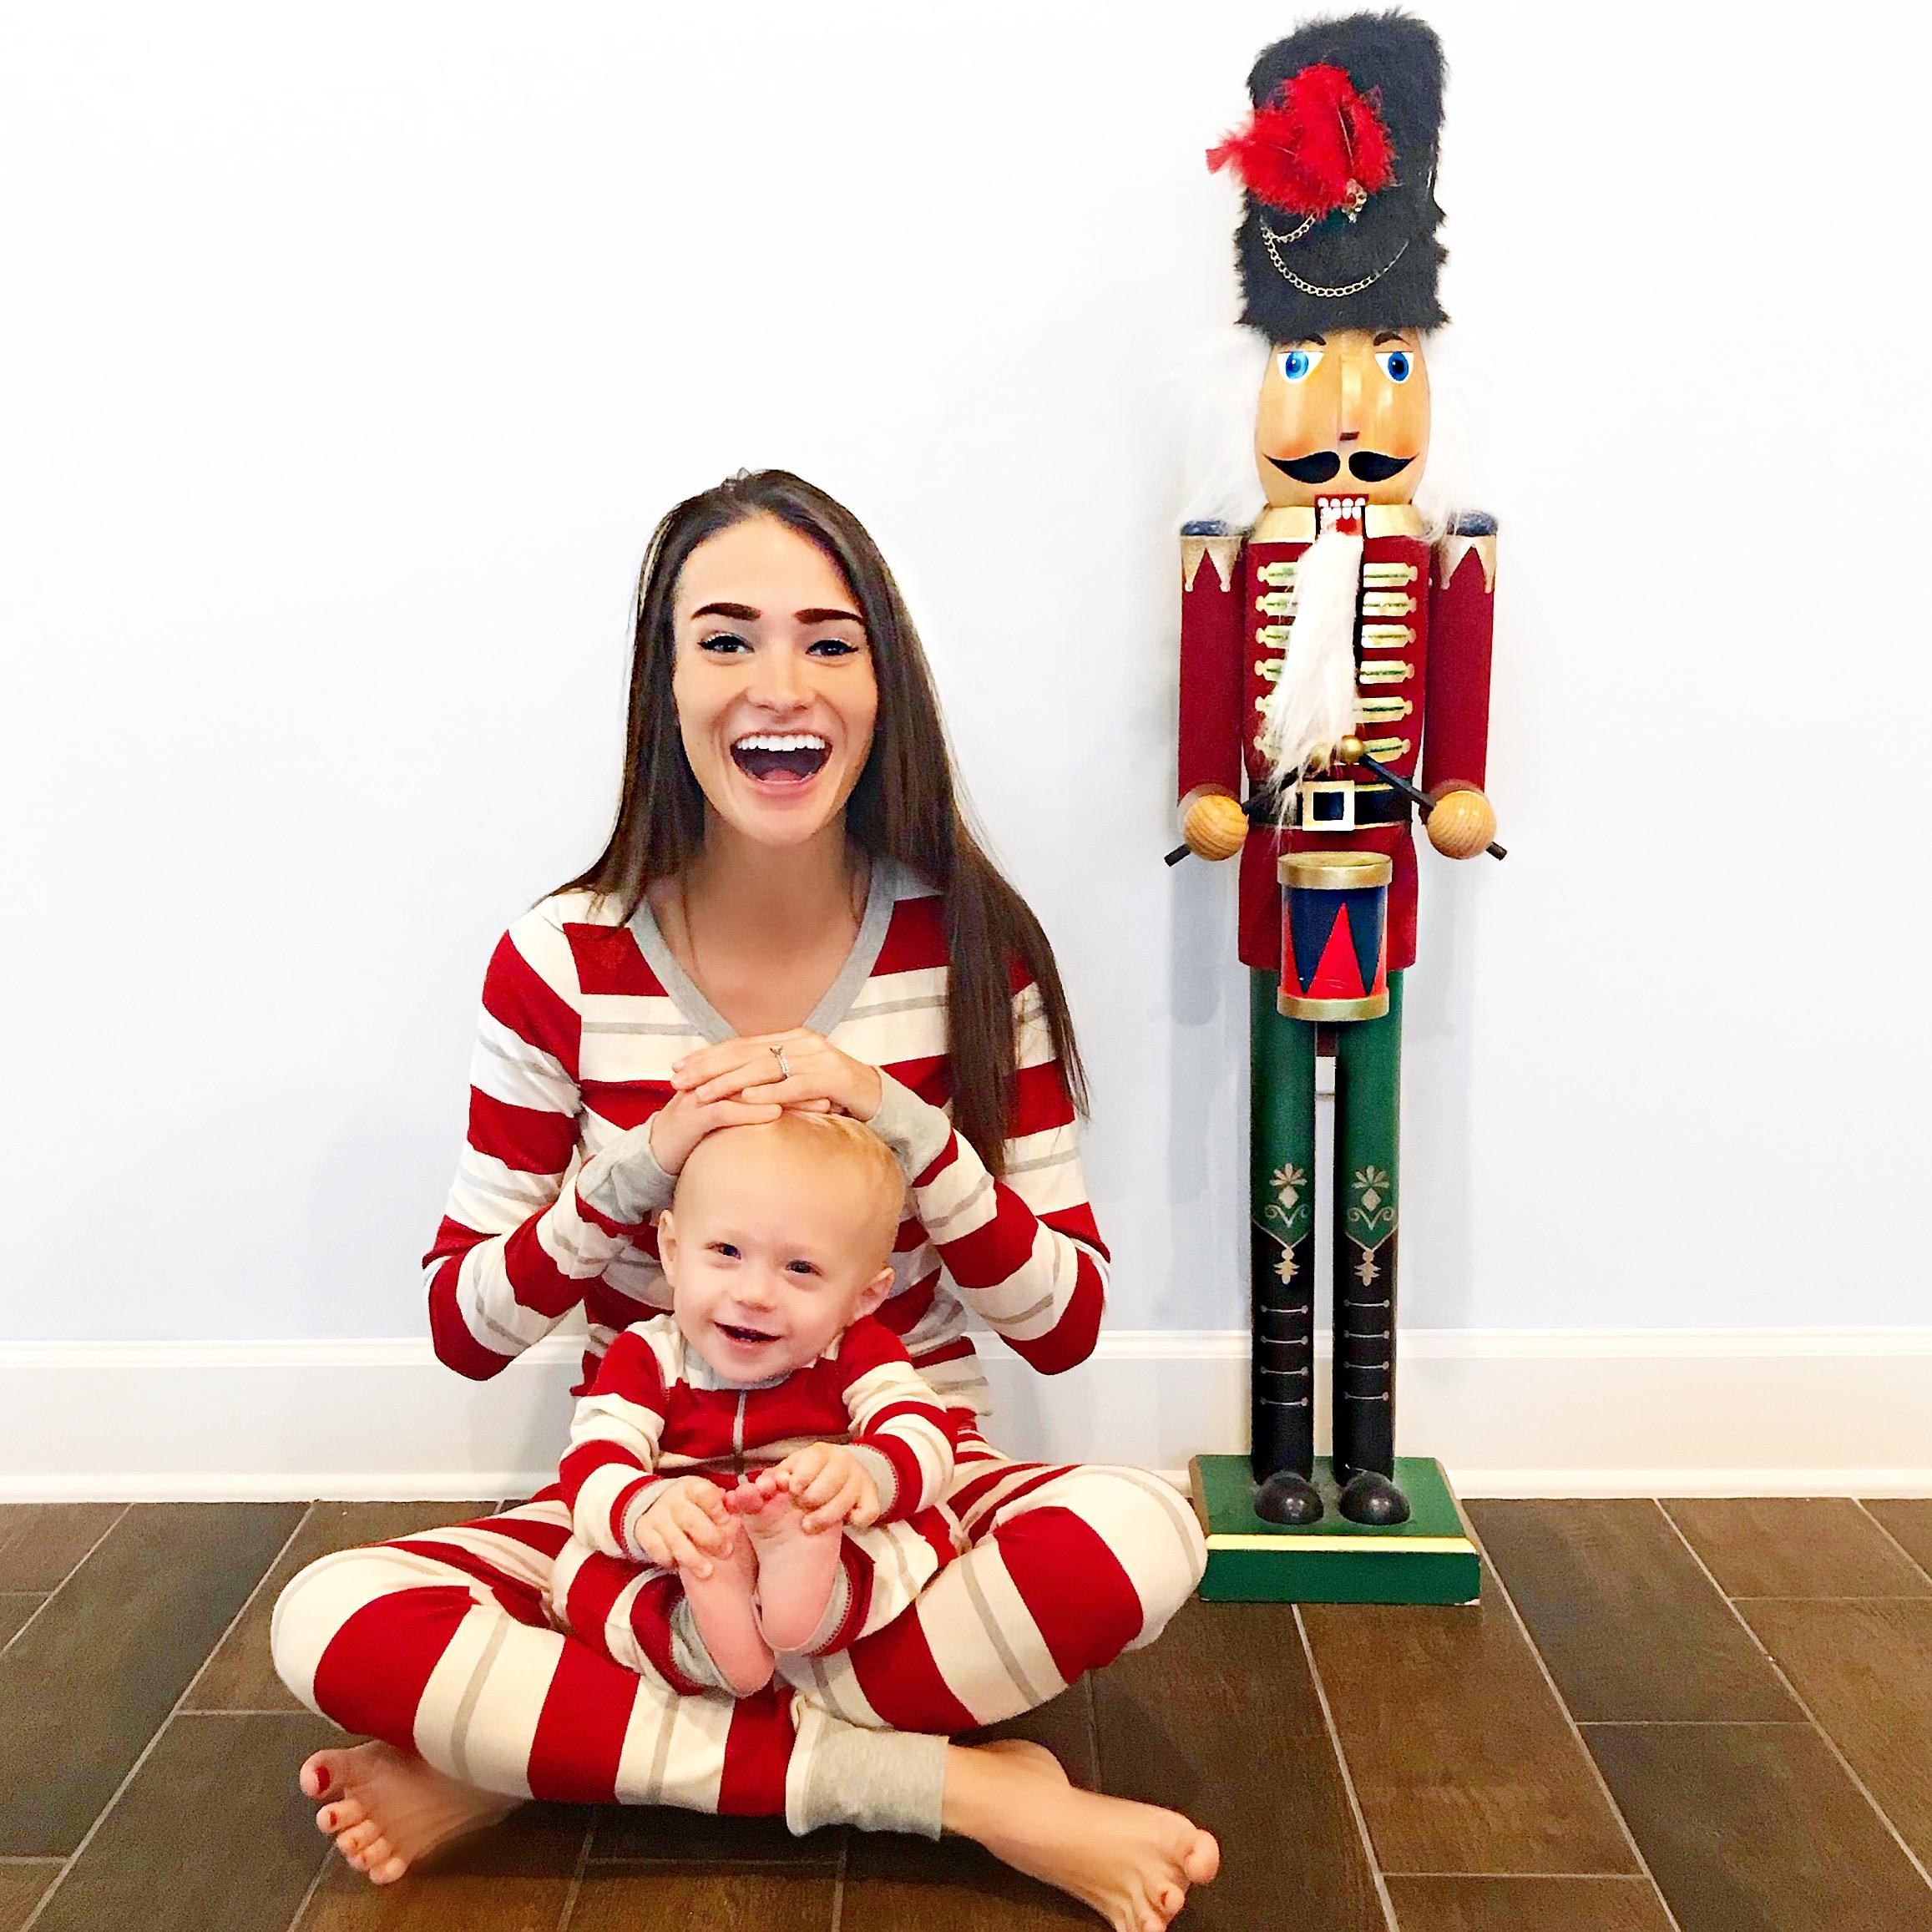 Family Matching Pajama Sets- 2020 Holiday